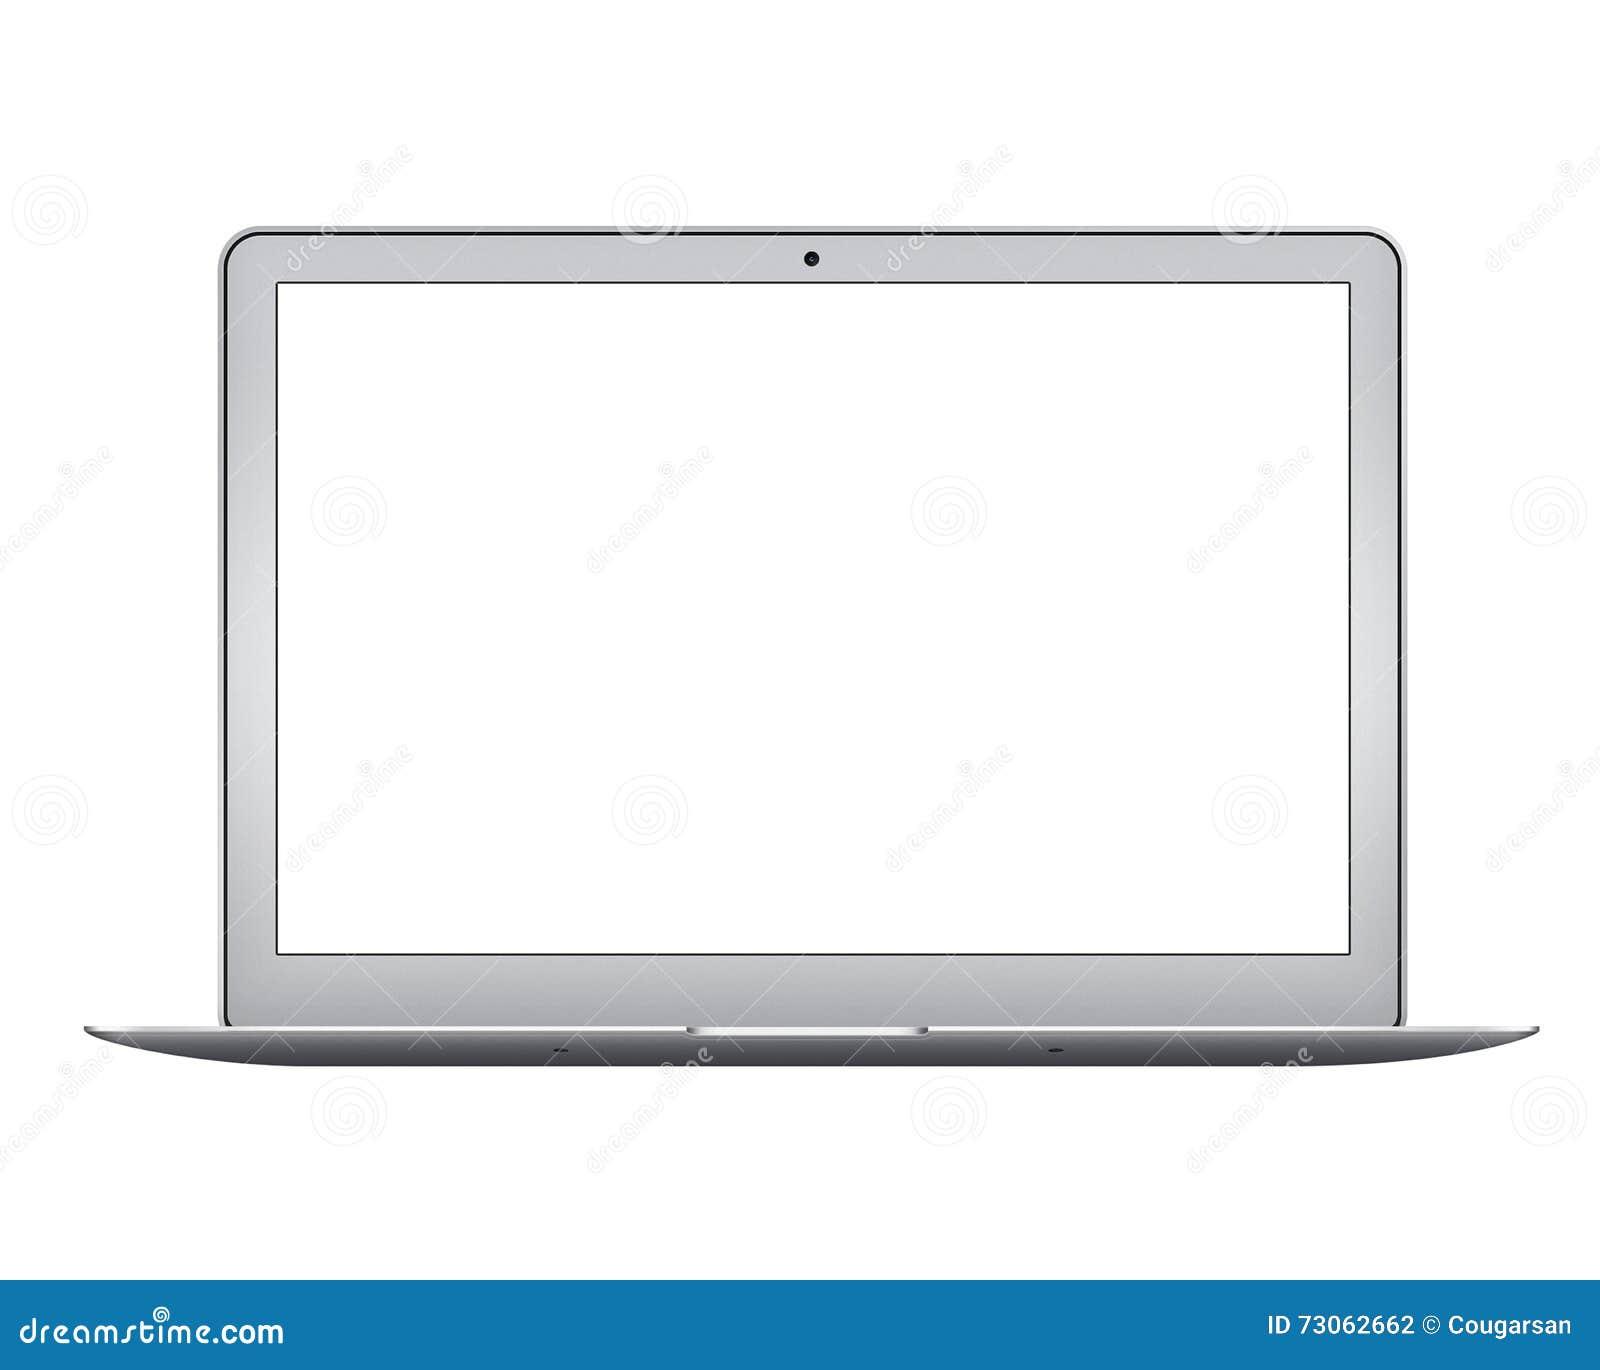 Apple MacBook Air notebook computer mockup